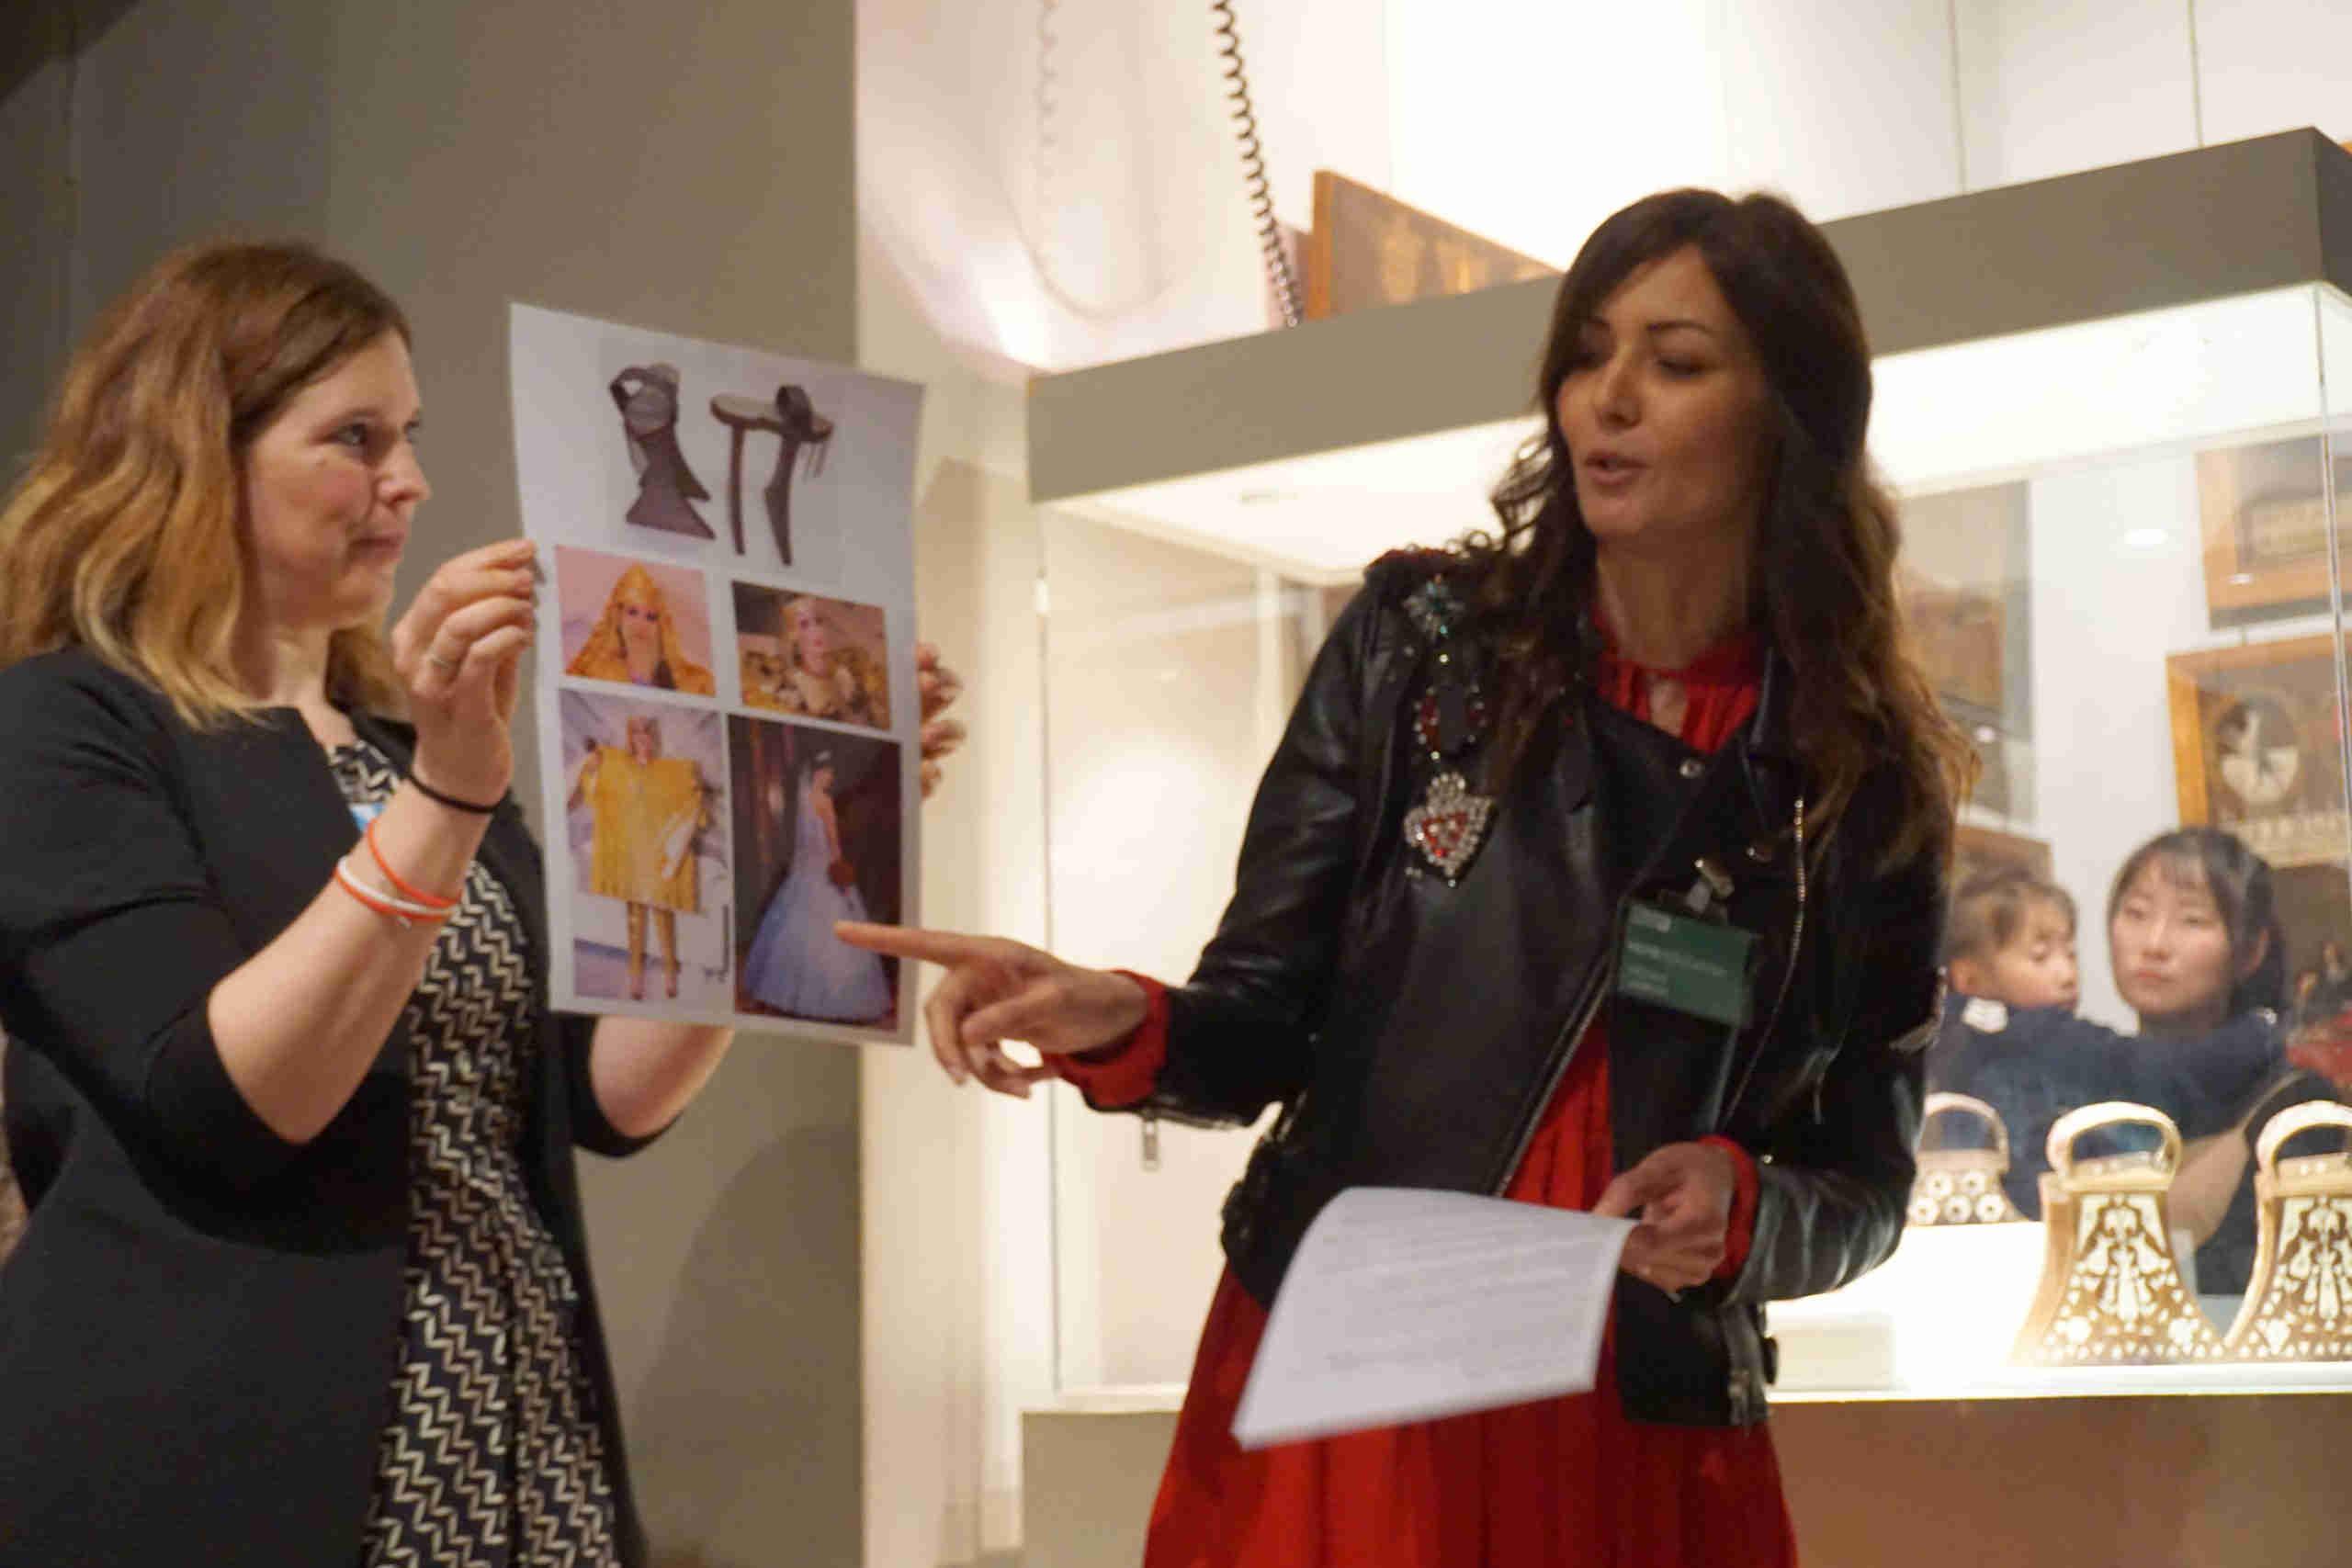 migranti narrazione interculturale emozionale al museo